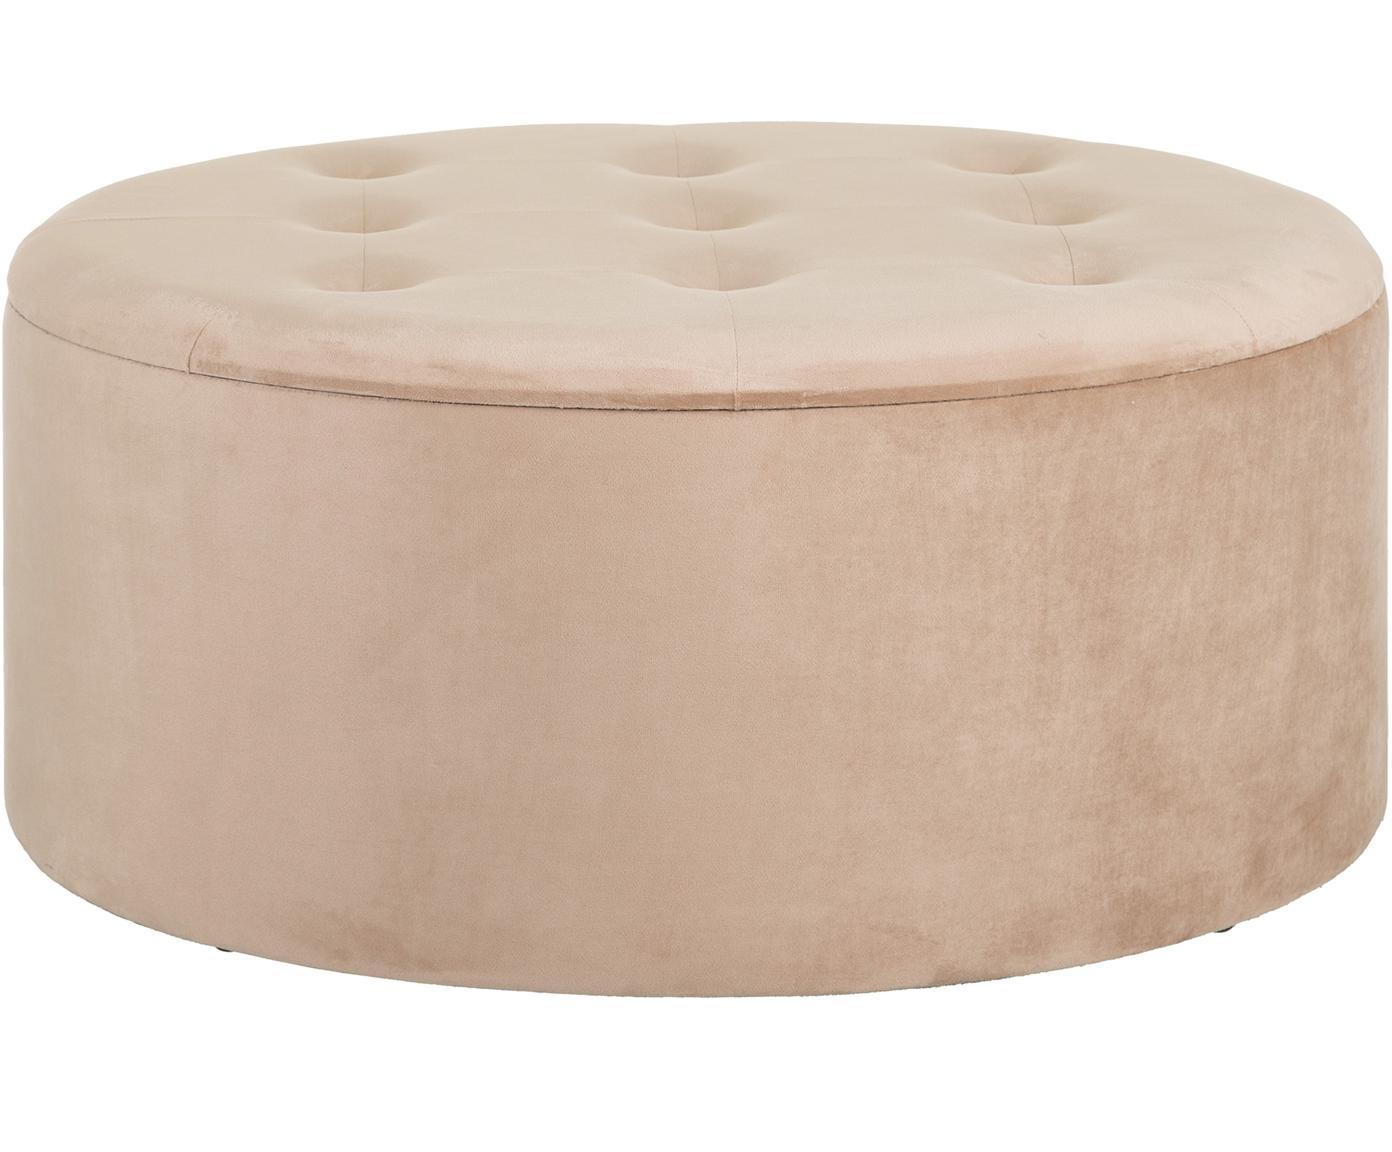 Samt-Hocker Bina mit Stauraum, Bezug: Polyestersamt, Korpus: Holz, Beige, Ø 90 x H 40 cm